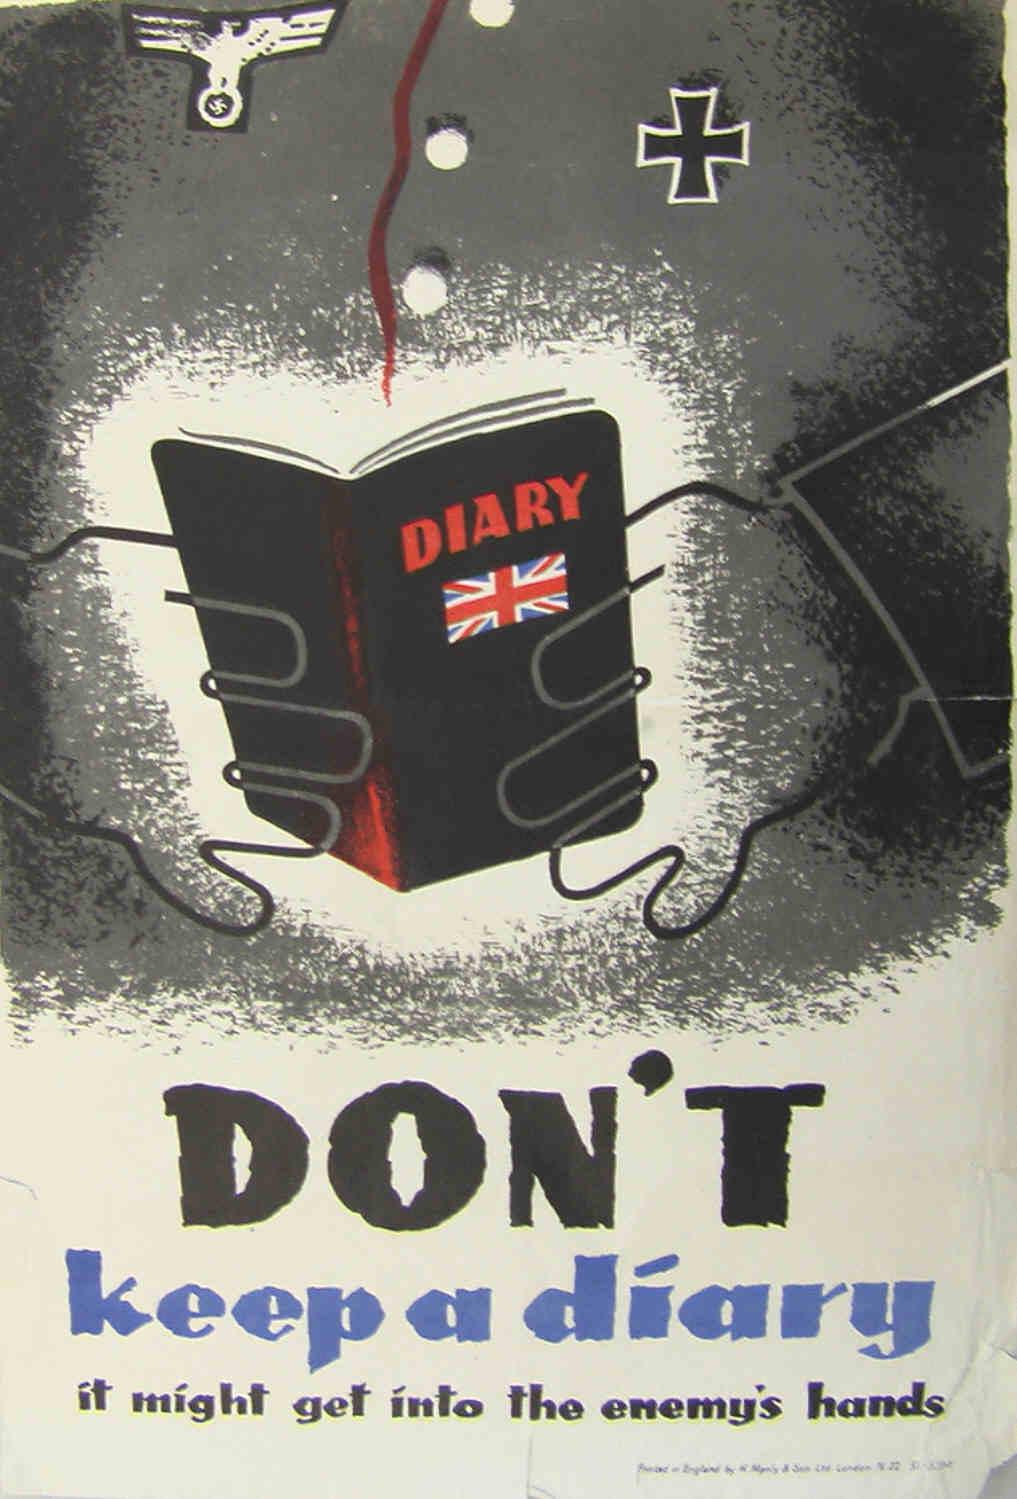 http://gallery.nen.gov.uk/assets/0702/0000/0345/war_propaganda_poster_1.jpg